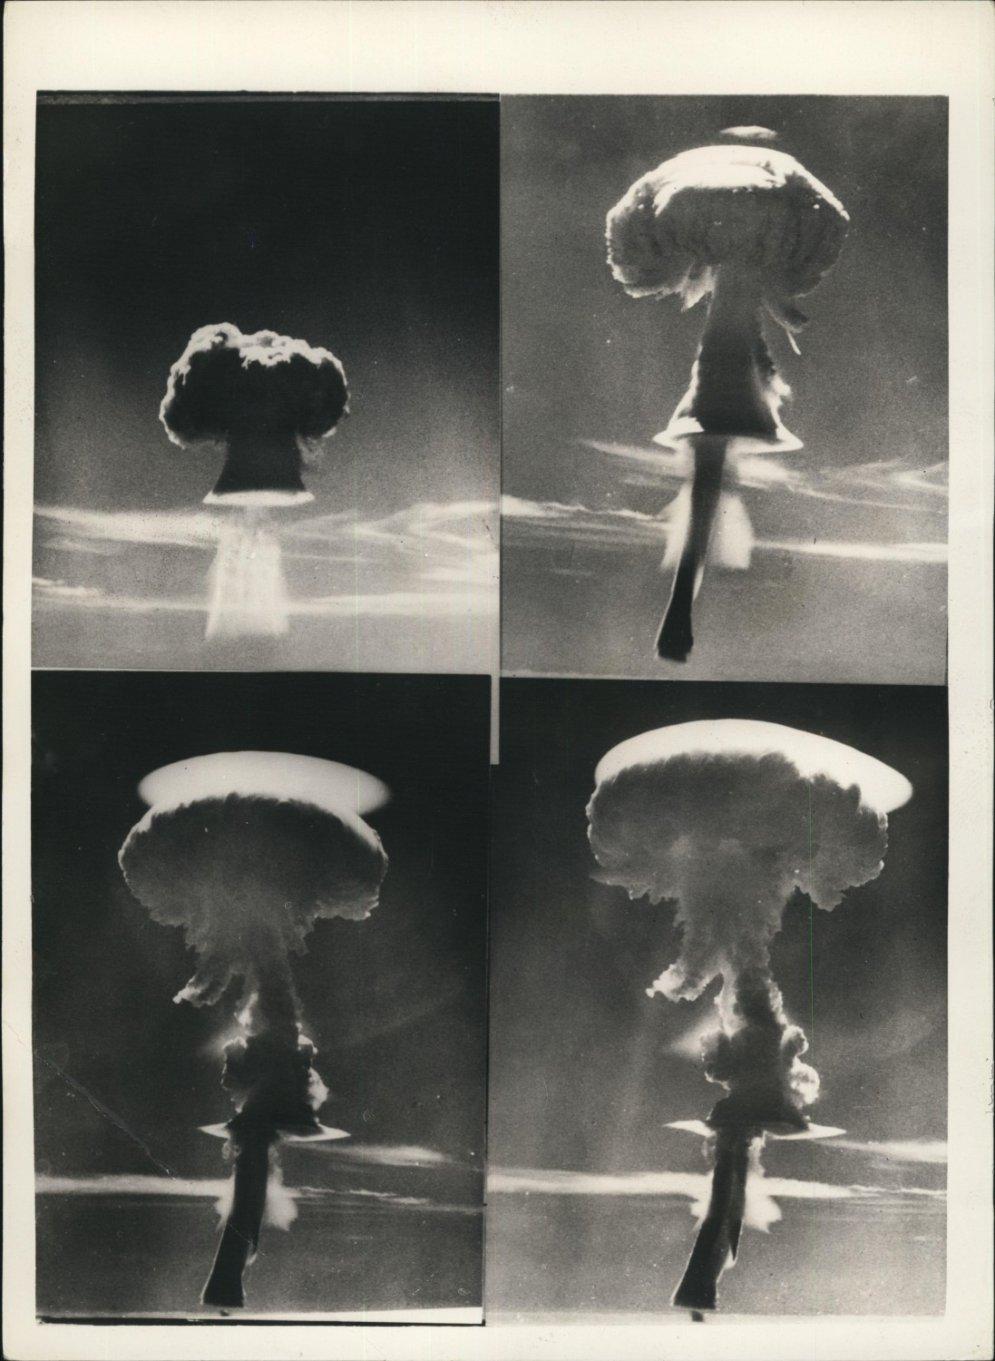 Arhīva foto: Retro atombumbu izmēģinājumi piecdesmitajos gados